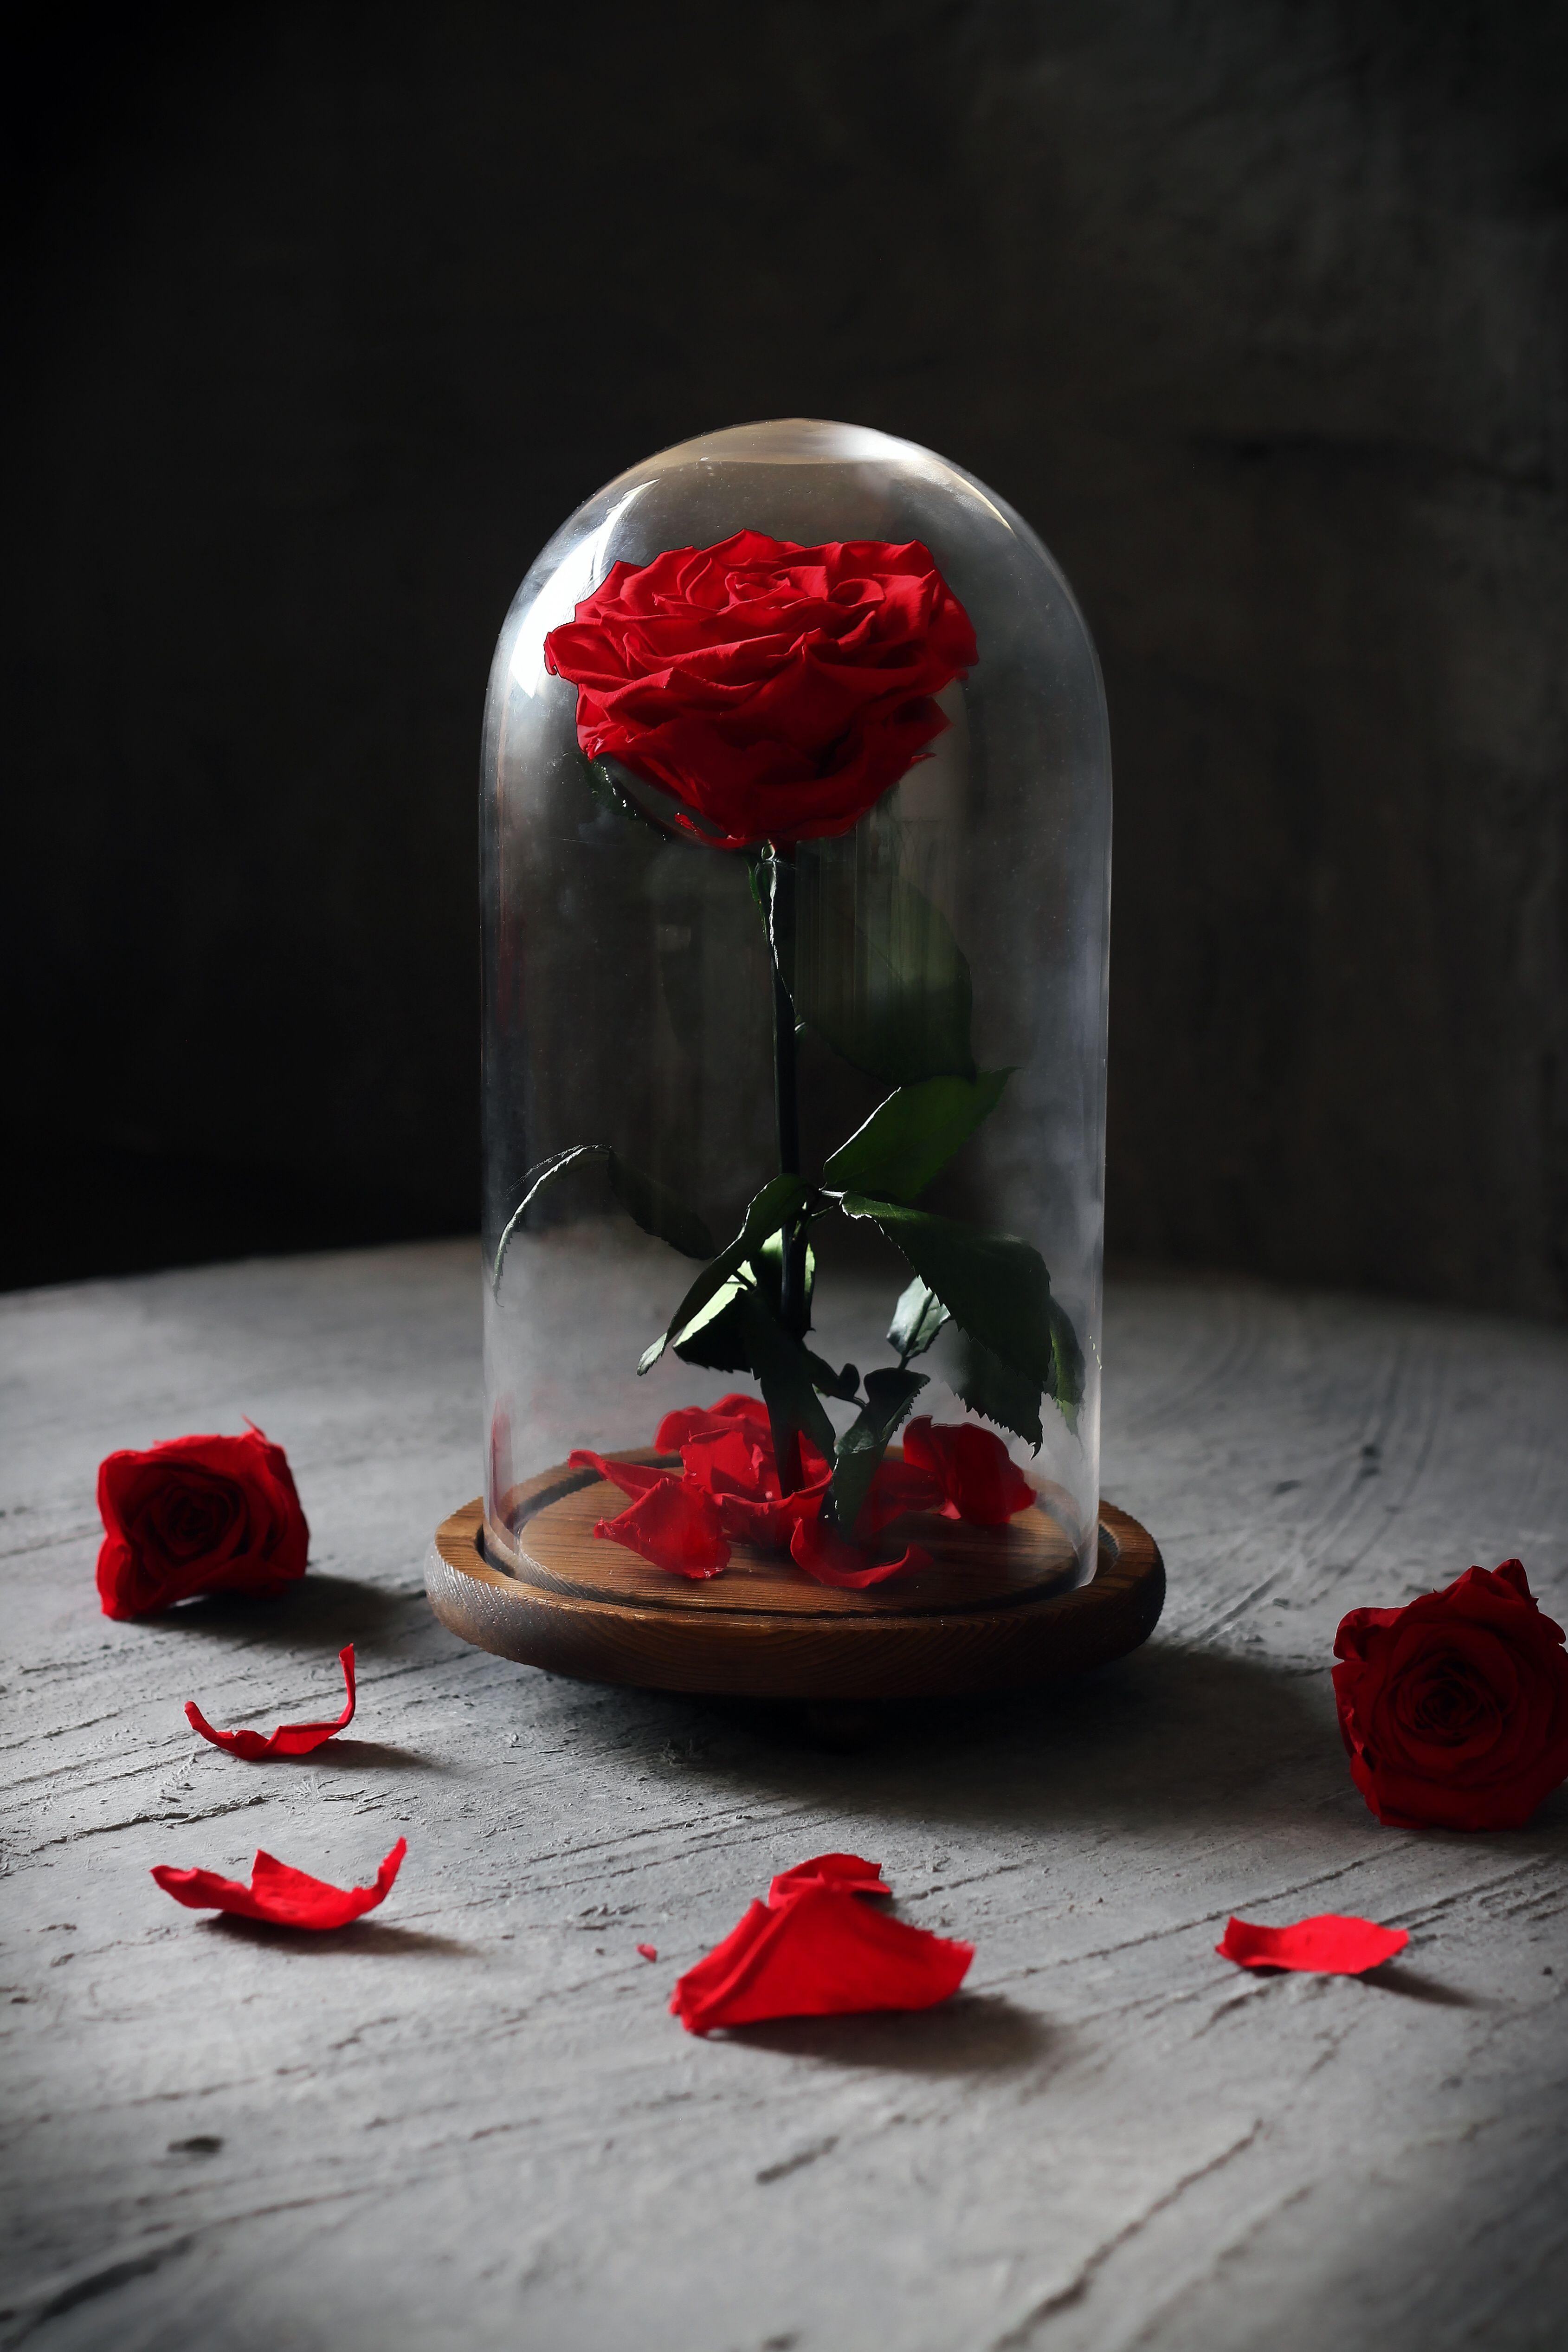 وردة ايلوبا روز احمر داخل فازة زجاجية Snow Globes Decor Home Decor